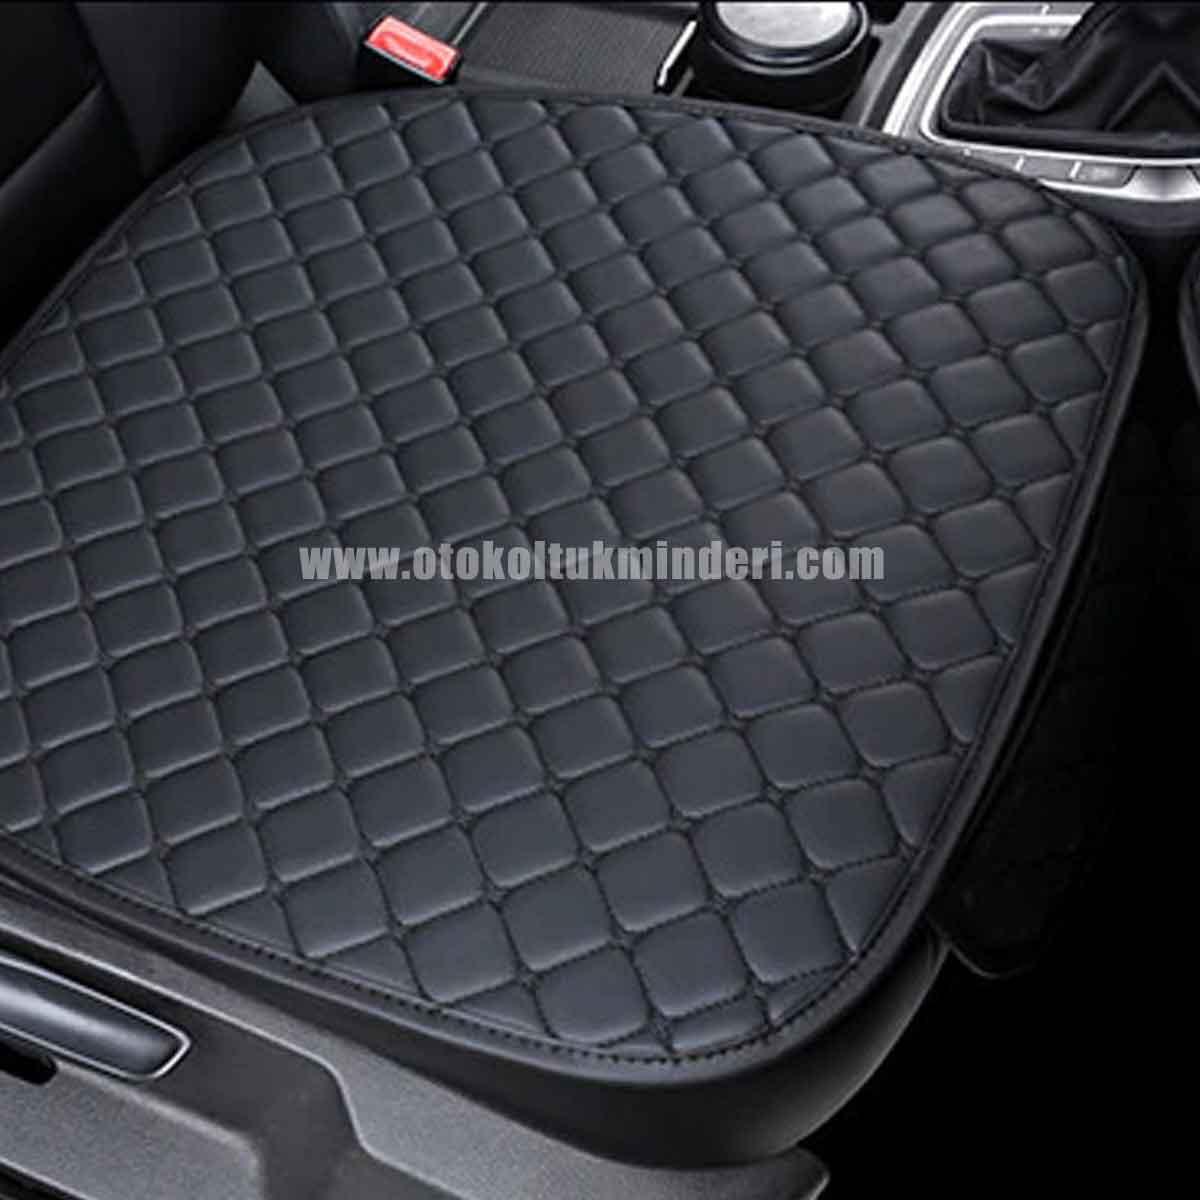 Smart oto koltuk kılıfı - Smart Koltuk minderi Siyah Deri Cepli